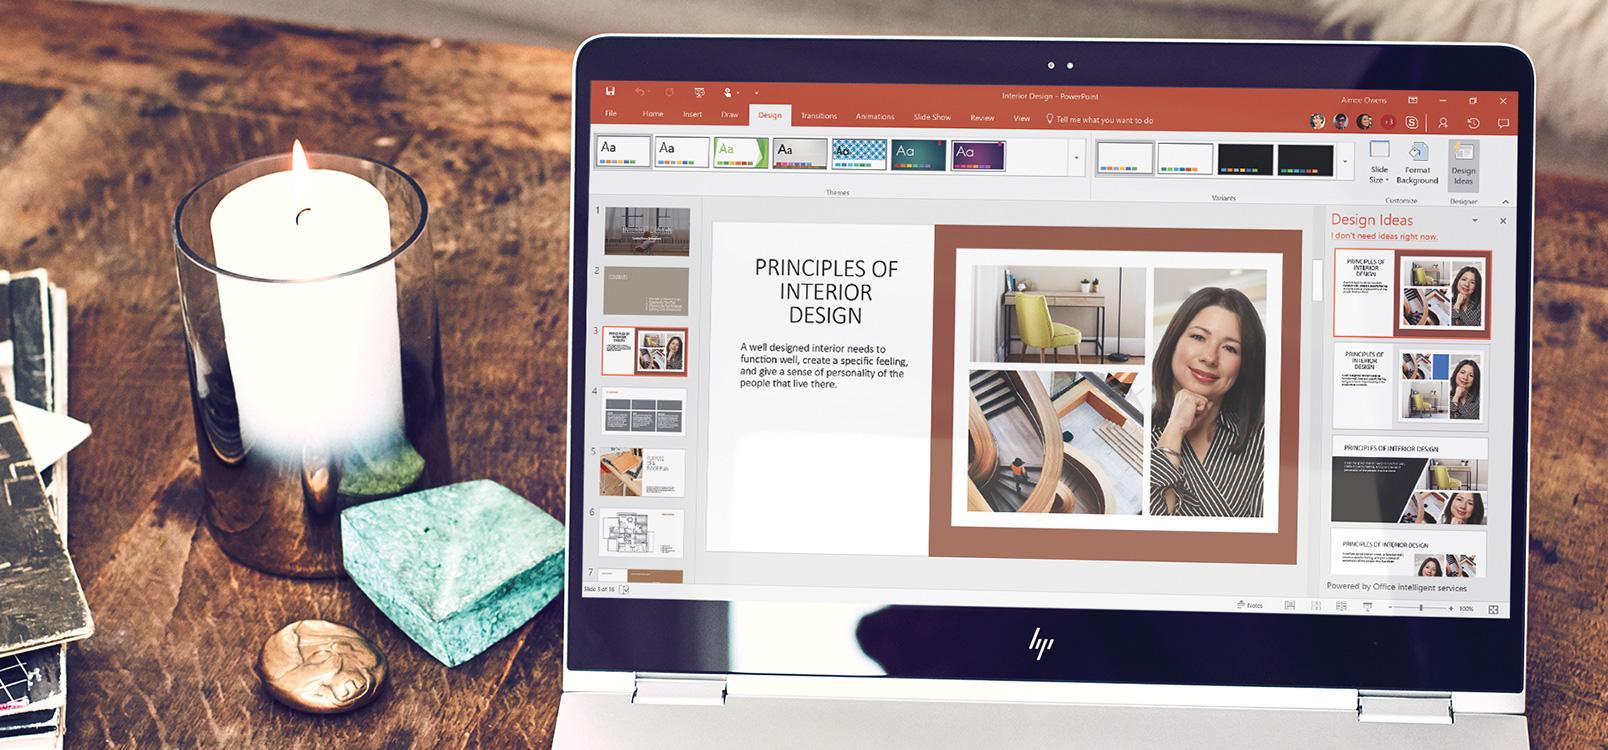 Οθόνη φορητού υπολογιστή που εμφανίζει ένα έγγραφο του PowerPoint όπου χρησιμοποιείται η δυνατότητα Εργαλείο σχεδίασης PowerPoint